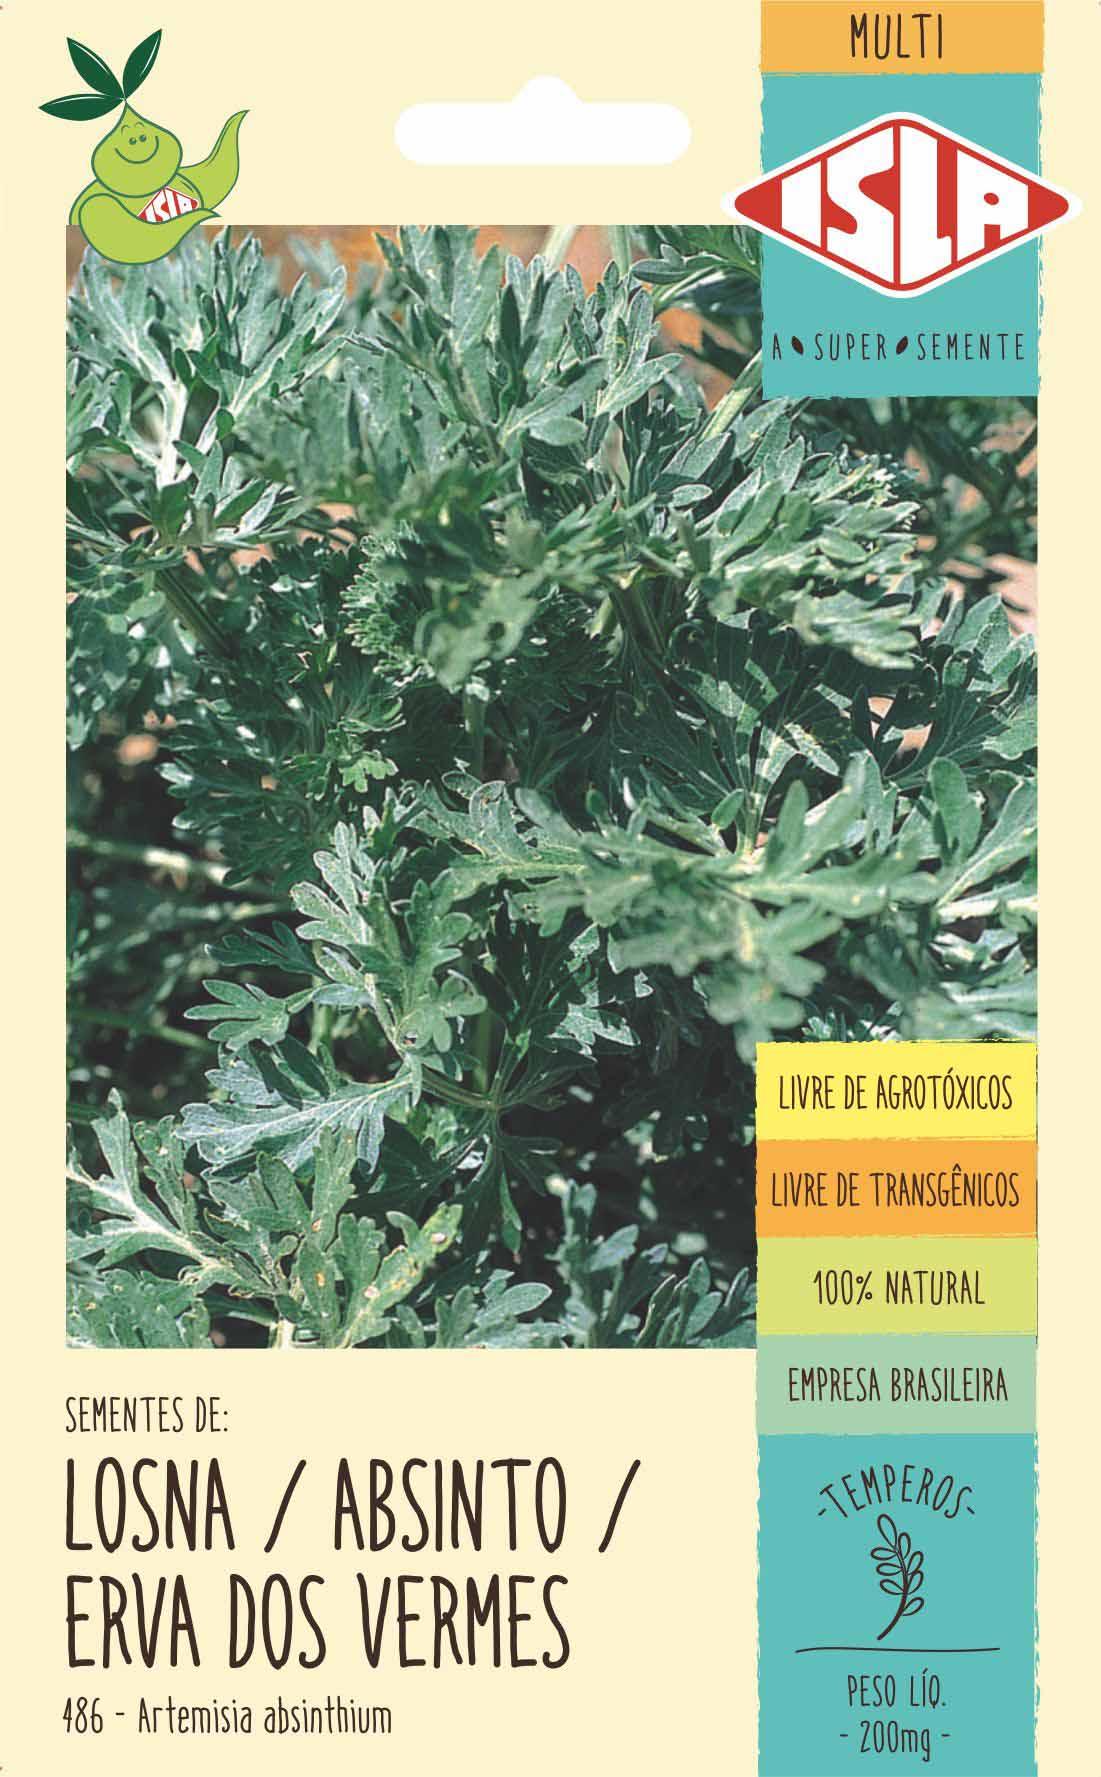 Sementes de Losna / Absinto / Erva dos Vermes Artemisia 100mg - Isla Multi